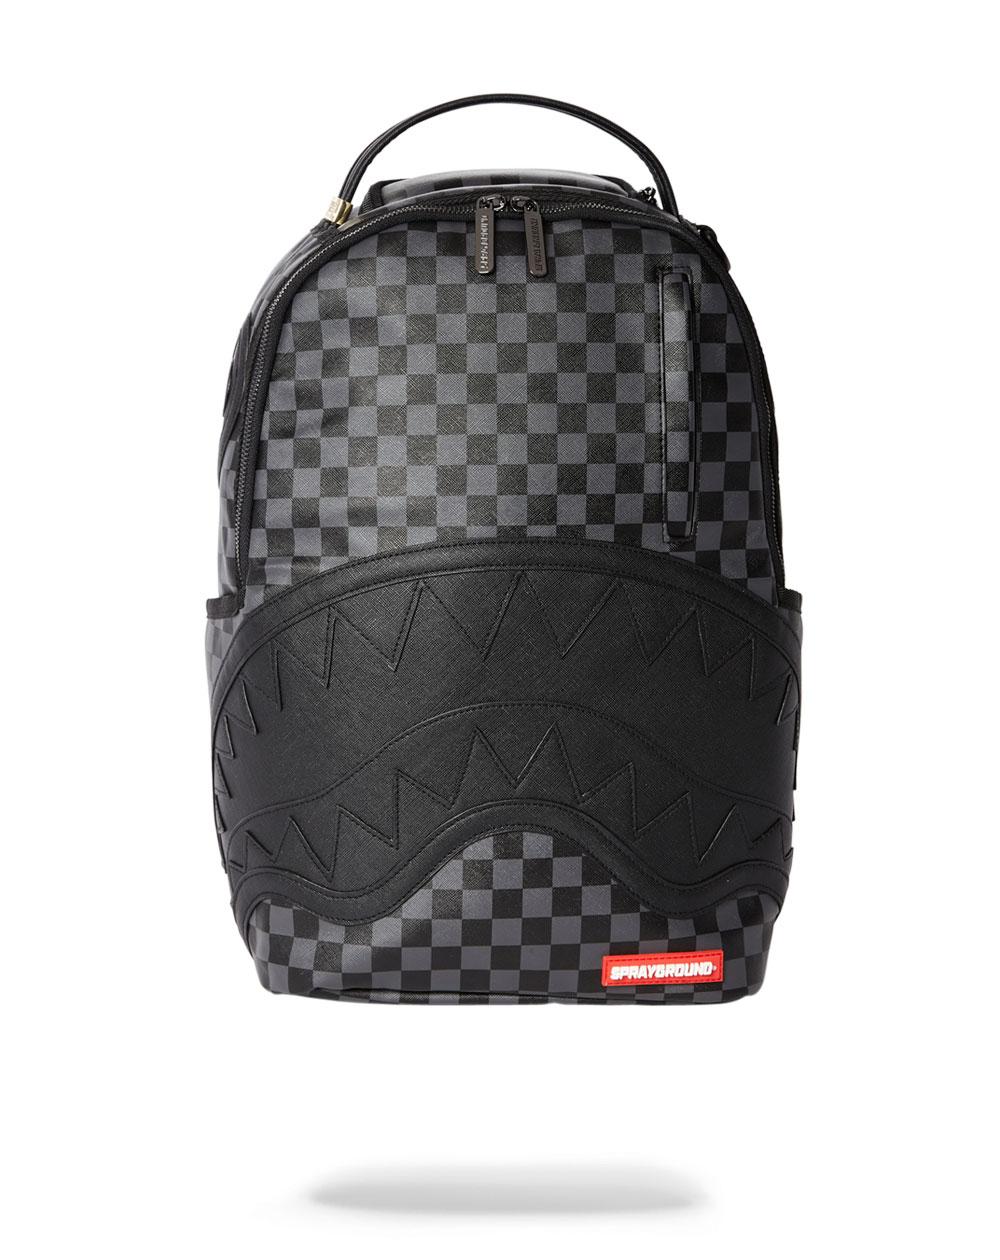 Sprayground Henny Backpack Black Checkered